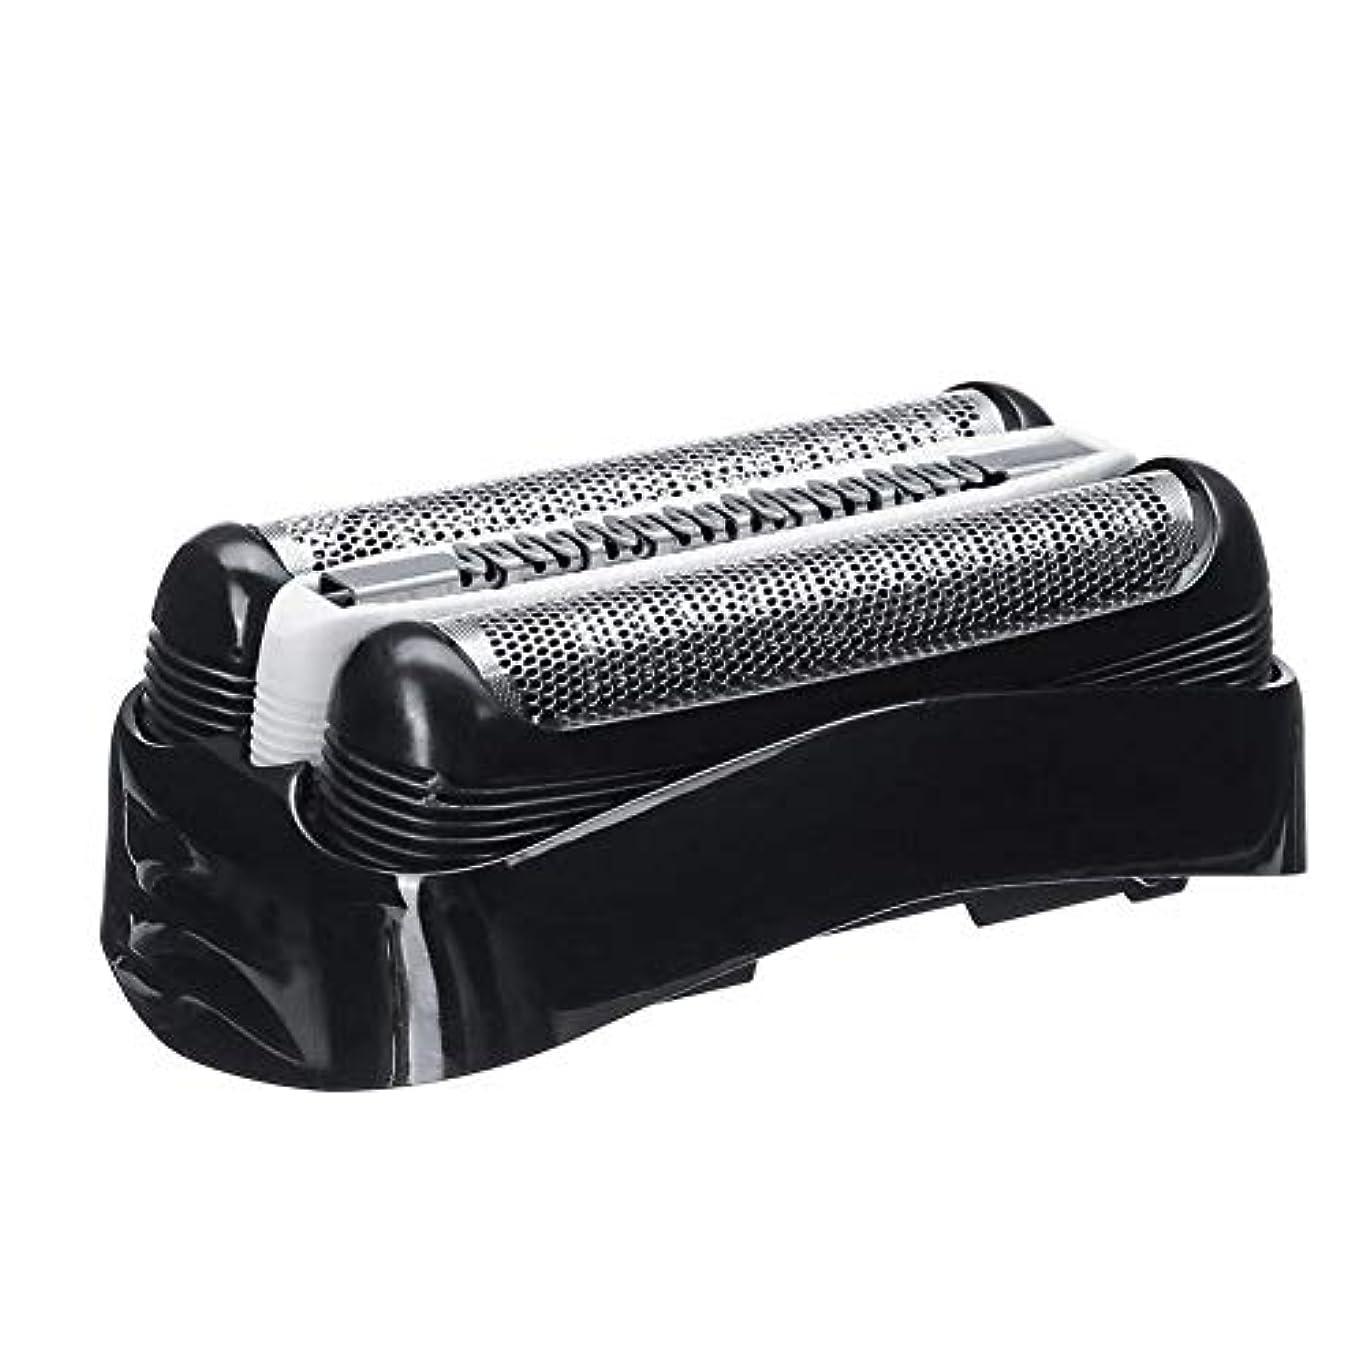 実現可能スリラー間違いclouday シェーバー替刃 メンズシェーバー用 セット刃 シェーバー交換部品 電気シェーバー交換ヘッドカミソリアクセサリ for Braun 3 series well-designed